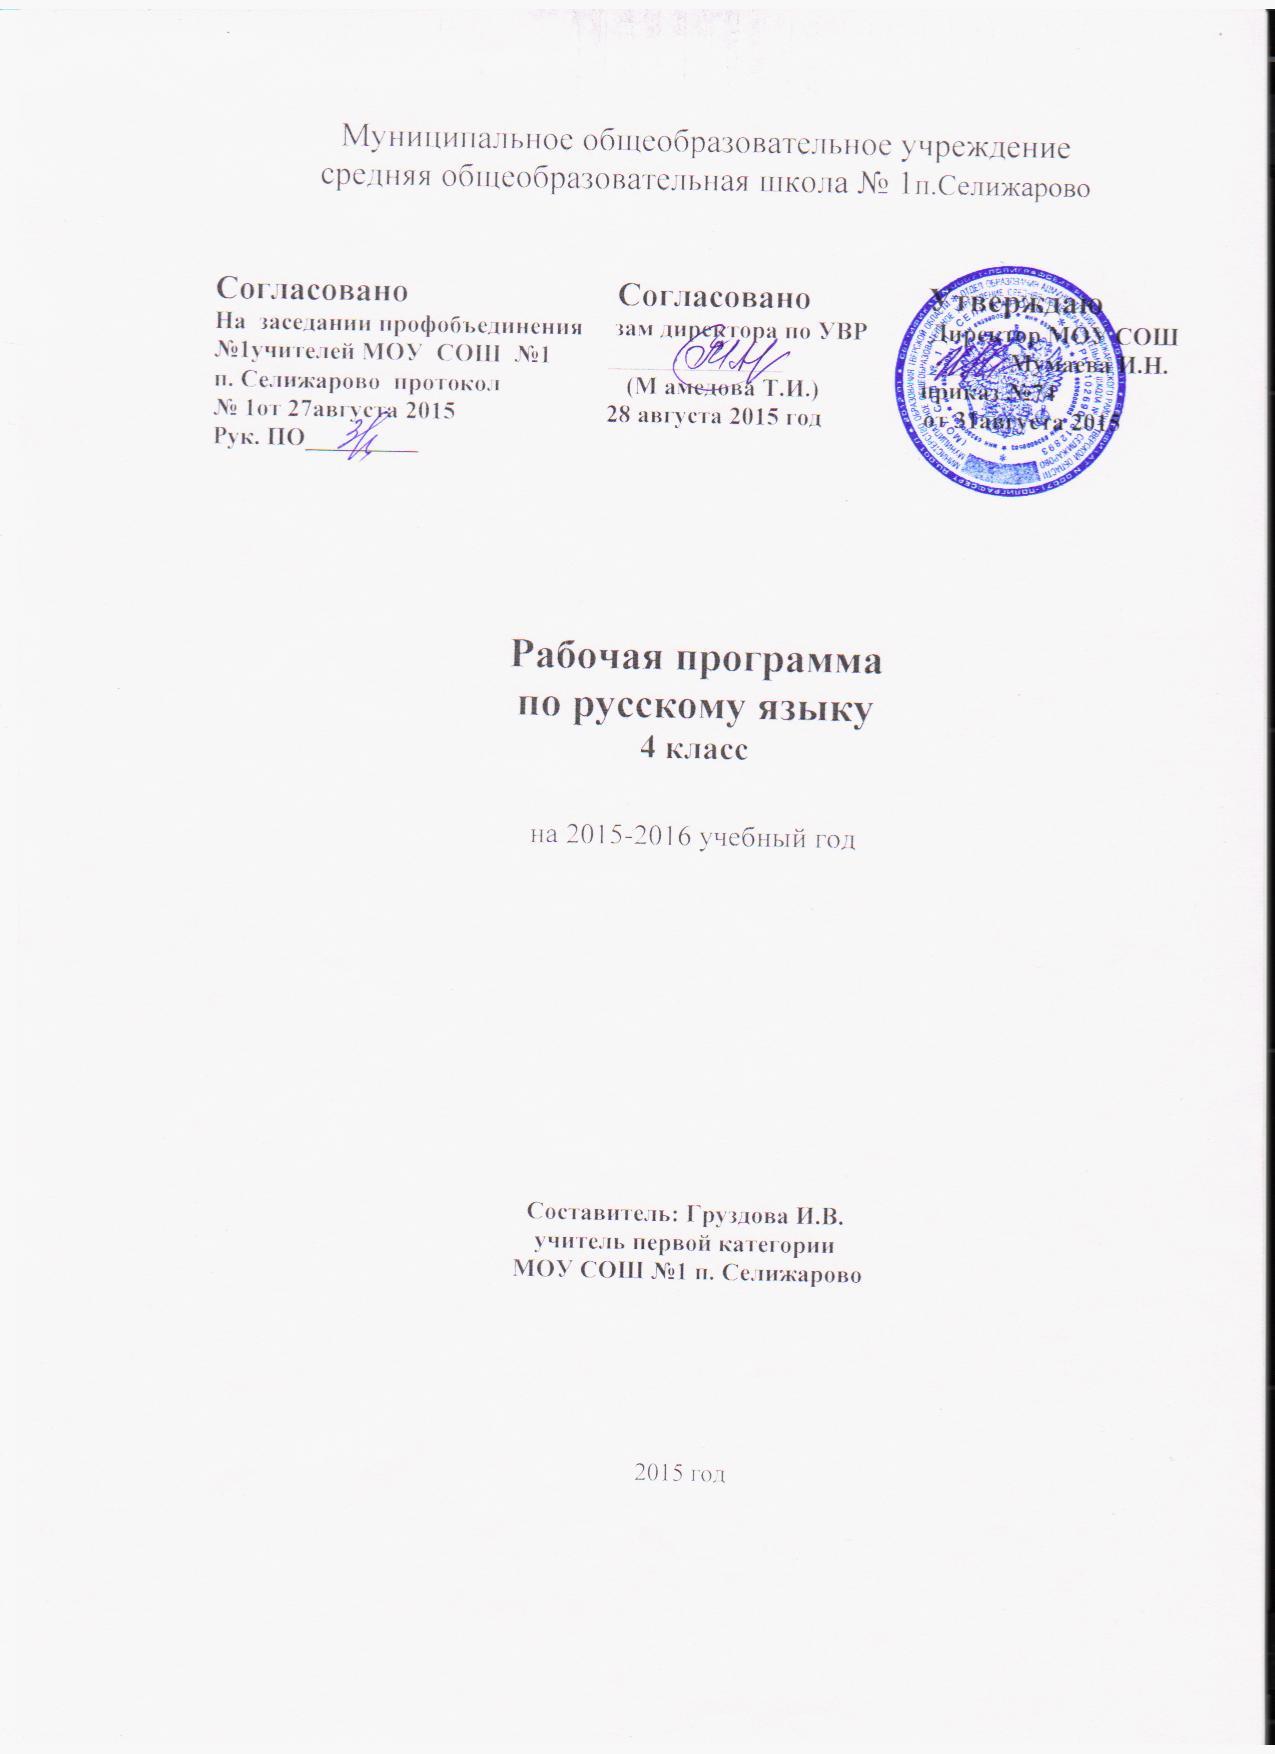 C:\Documents and Settings\1\Мои документы\Мои рисунки\Изображение\Изображение 005.jpg